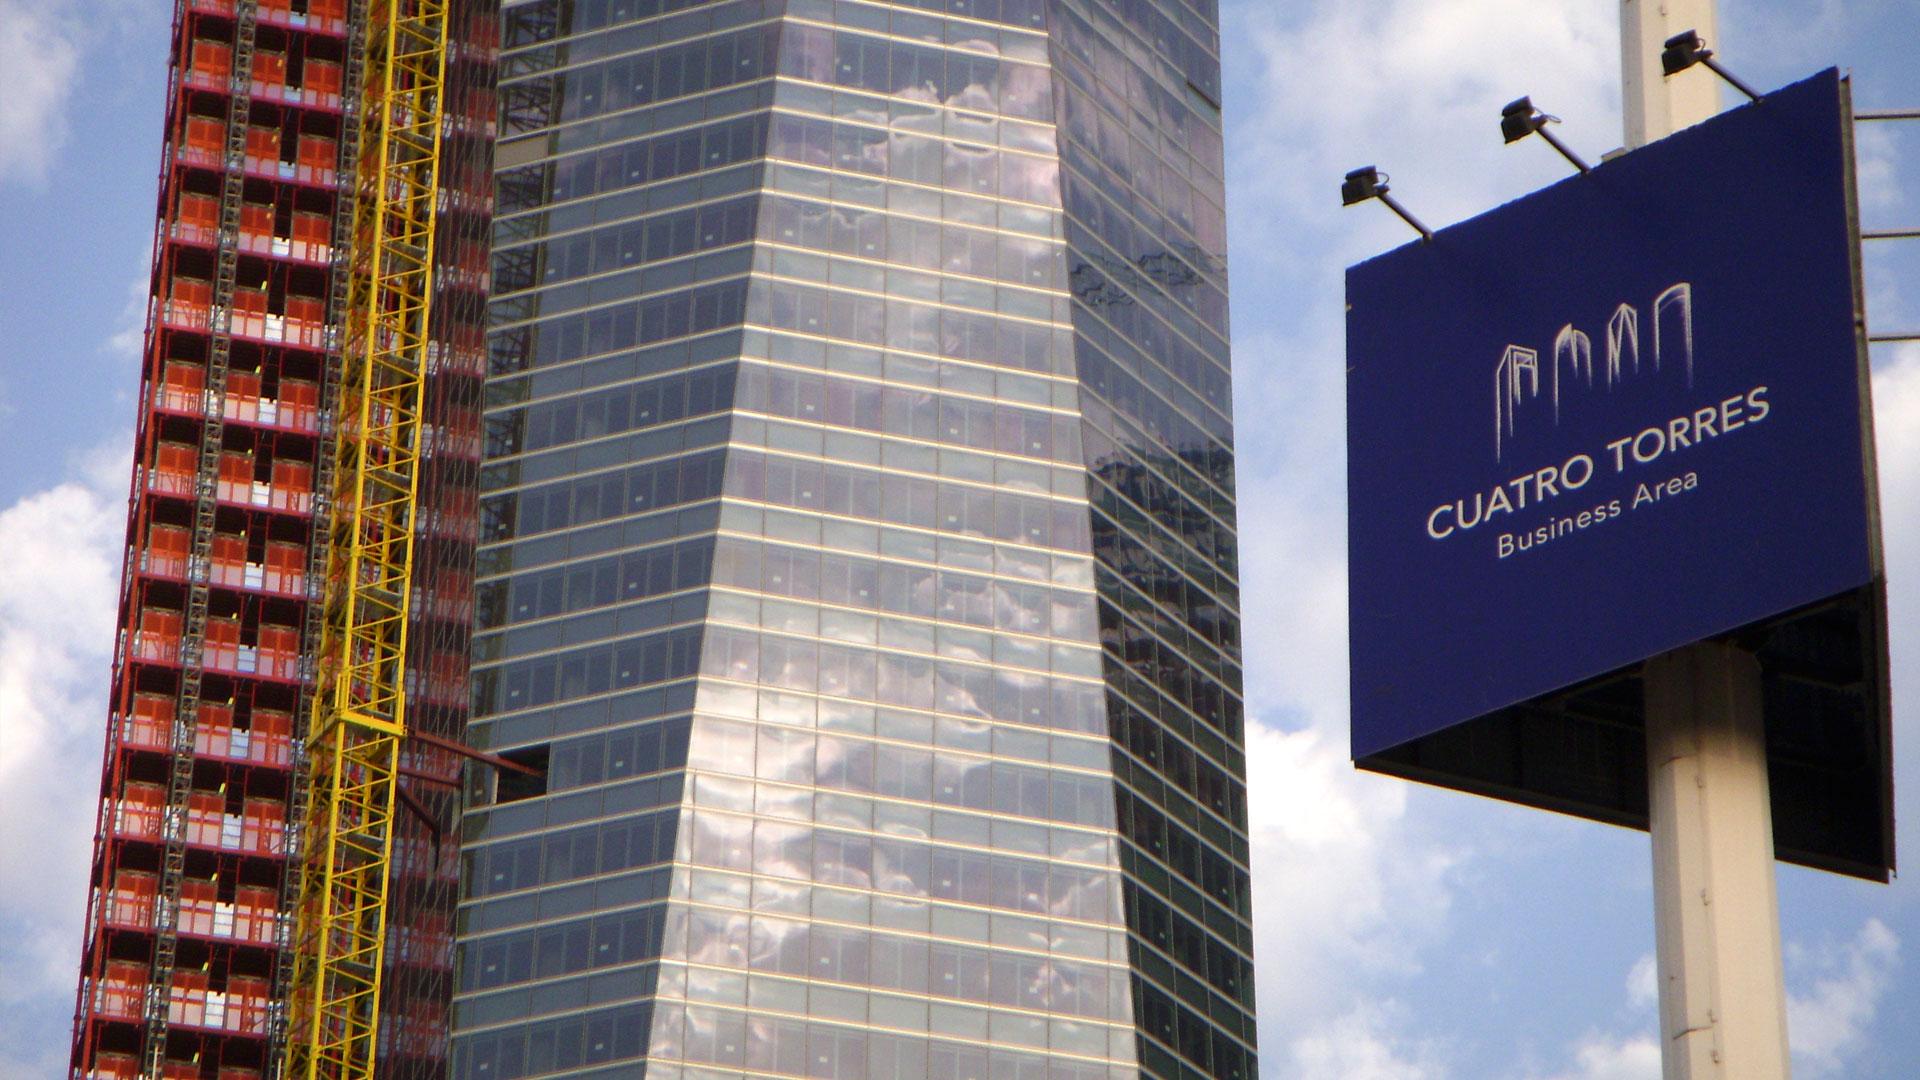 la torre de cristal es un rascacielos de madrid espaa situado en el complejo cuatro torres business area en el distrito de pardo